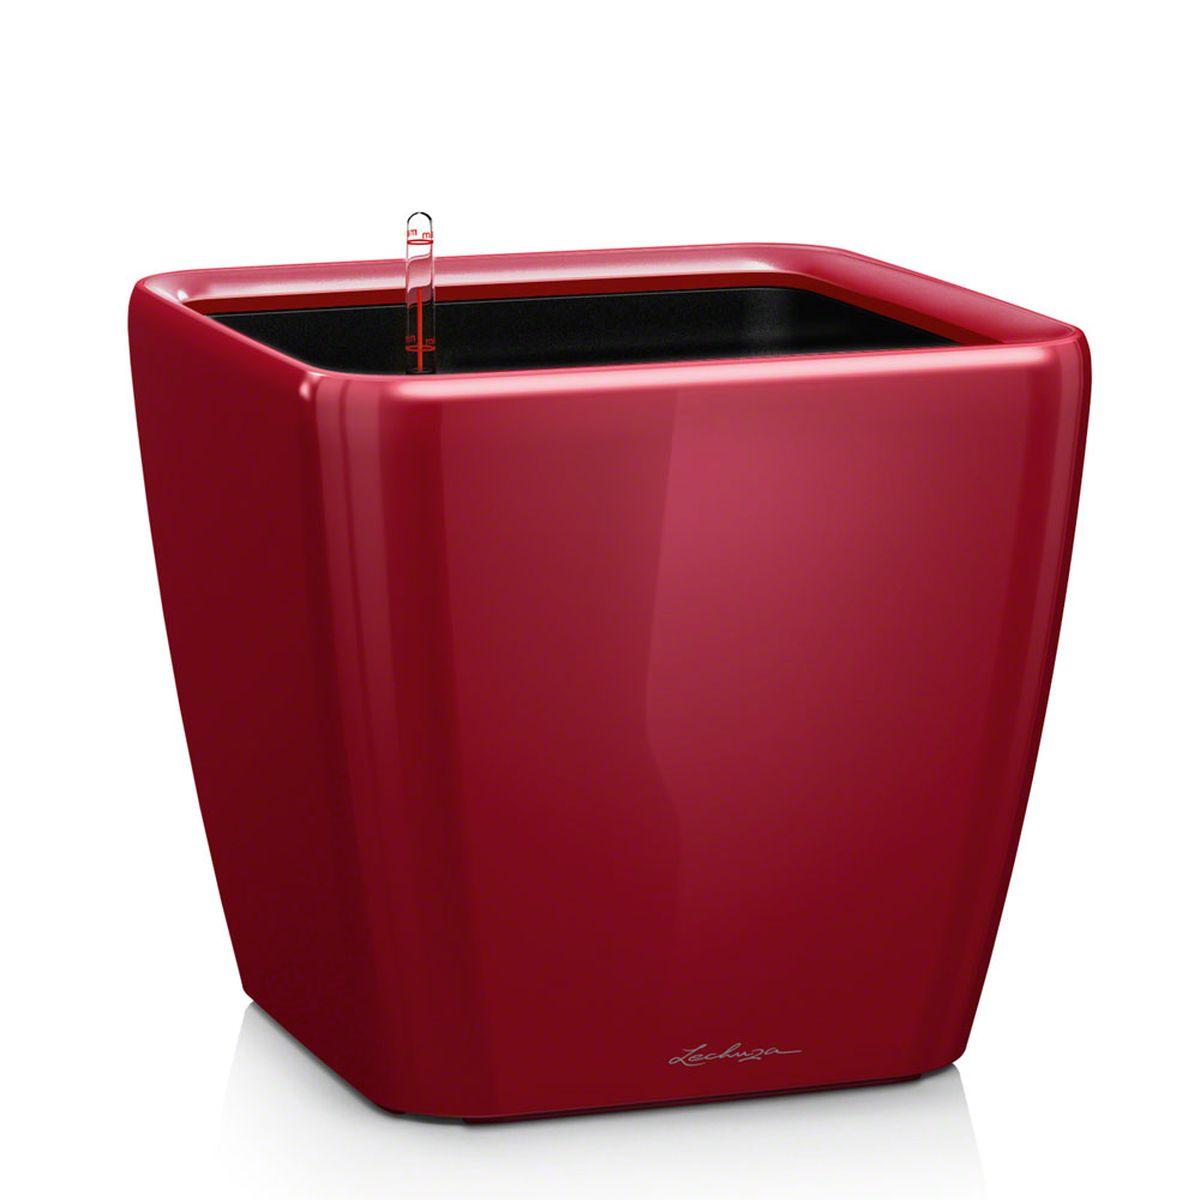 Кашпо Lechuza Quadro, с системой автополива, цвет: красный, 28 х 28 х 26 см18120Кашпо Lechuza Quadro, выполненное извысококачественного пластика, имеет уникальную системуавтополива, благодаря которой корневая система растениянепрерывно снабжается влагой из резервуара. Уровень водыв резервуаре контролируется с помощью специальногоиндикатора. В зависимости от размера кашпо и растенияводы хватает на 2-12 недель. Это способствует хорошему ростуцветов и предотвращает переувлажнение. В набор входит: кашпо, внутренний горшок с выдвижнойэргономичной ручкой, индикатор уровня воды, вал подачиводы, субстрат растений в качестве дренажного слоя,резервуар для воды. Кашпо Lechuza Quadro прекрасно впишется в любойинтерьер. Оно поможет расставить нужные акценты, а такжепридаст помещению вид, соответствующий вашимпредставлениям.